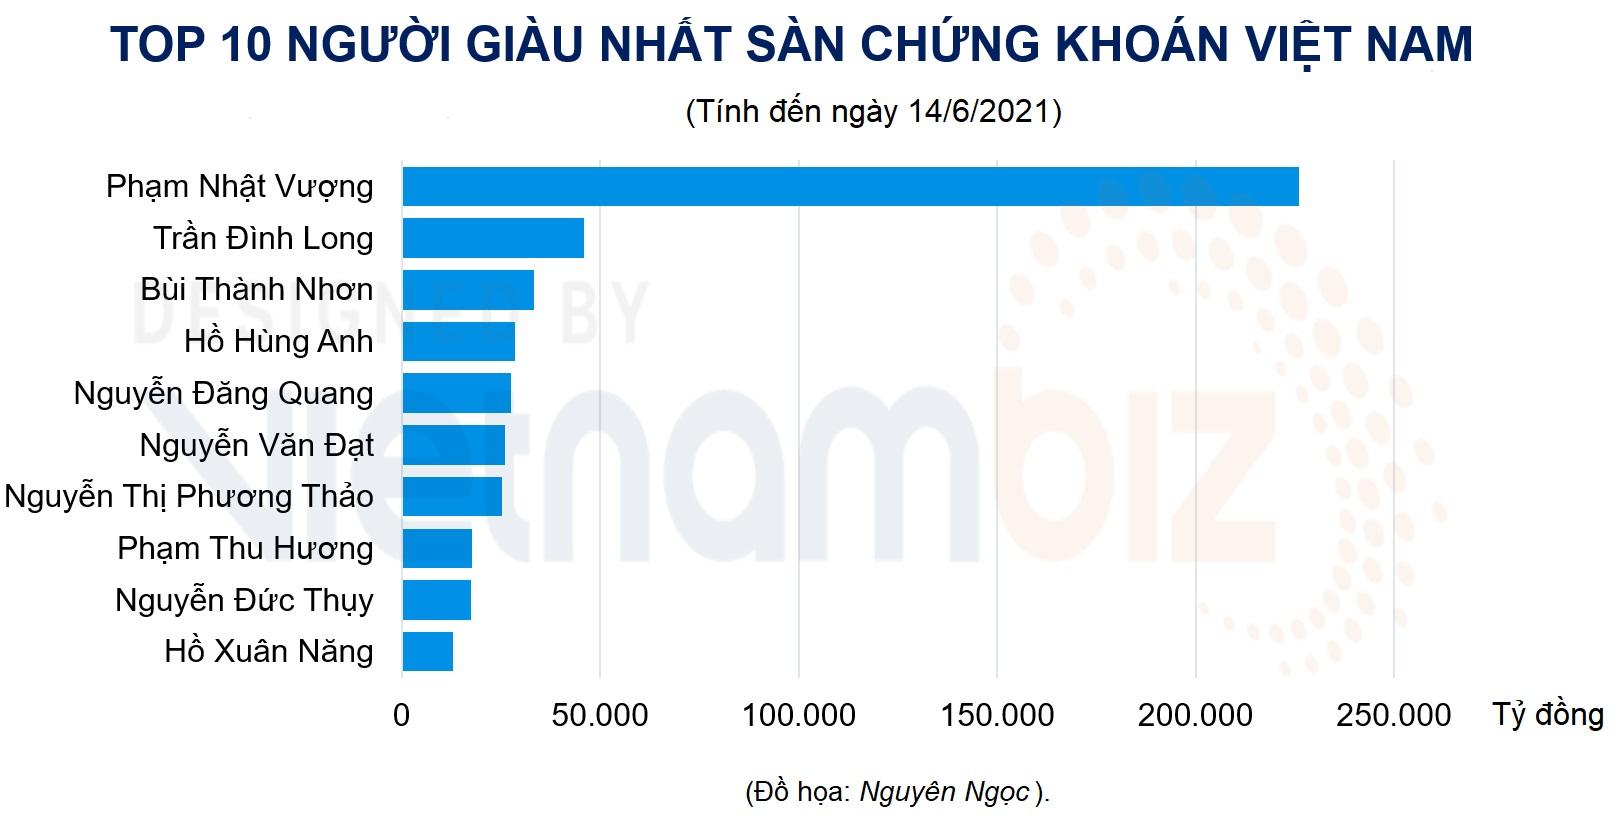 Tài sản ông Phan Văn Đạt vượt 1 tỷ USD, Phát Đạt có bao nhiêu tiền mặt? - Ảnh 2.